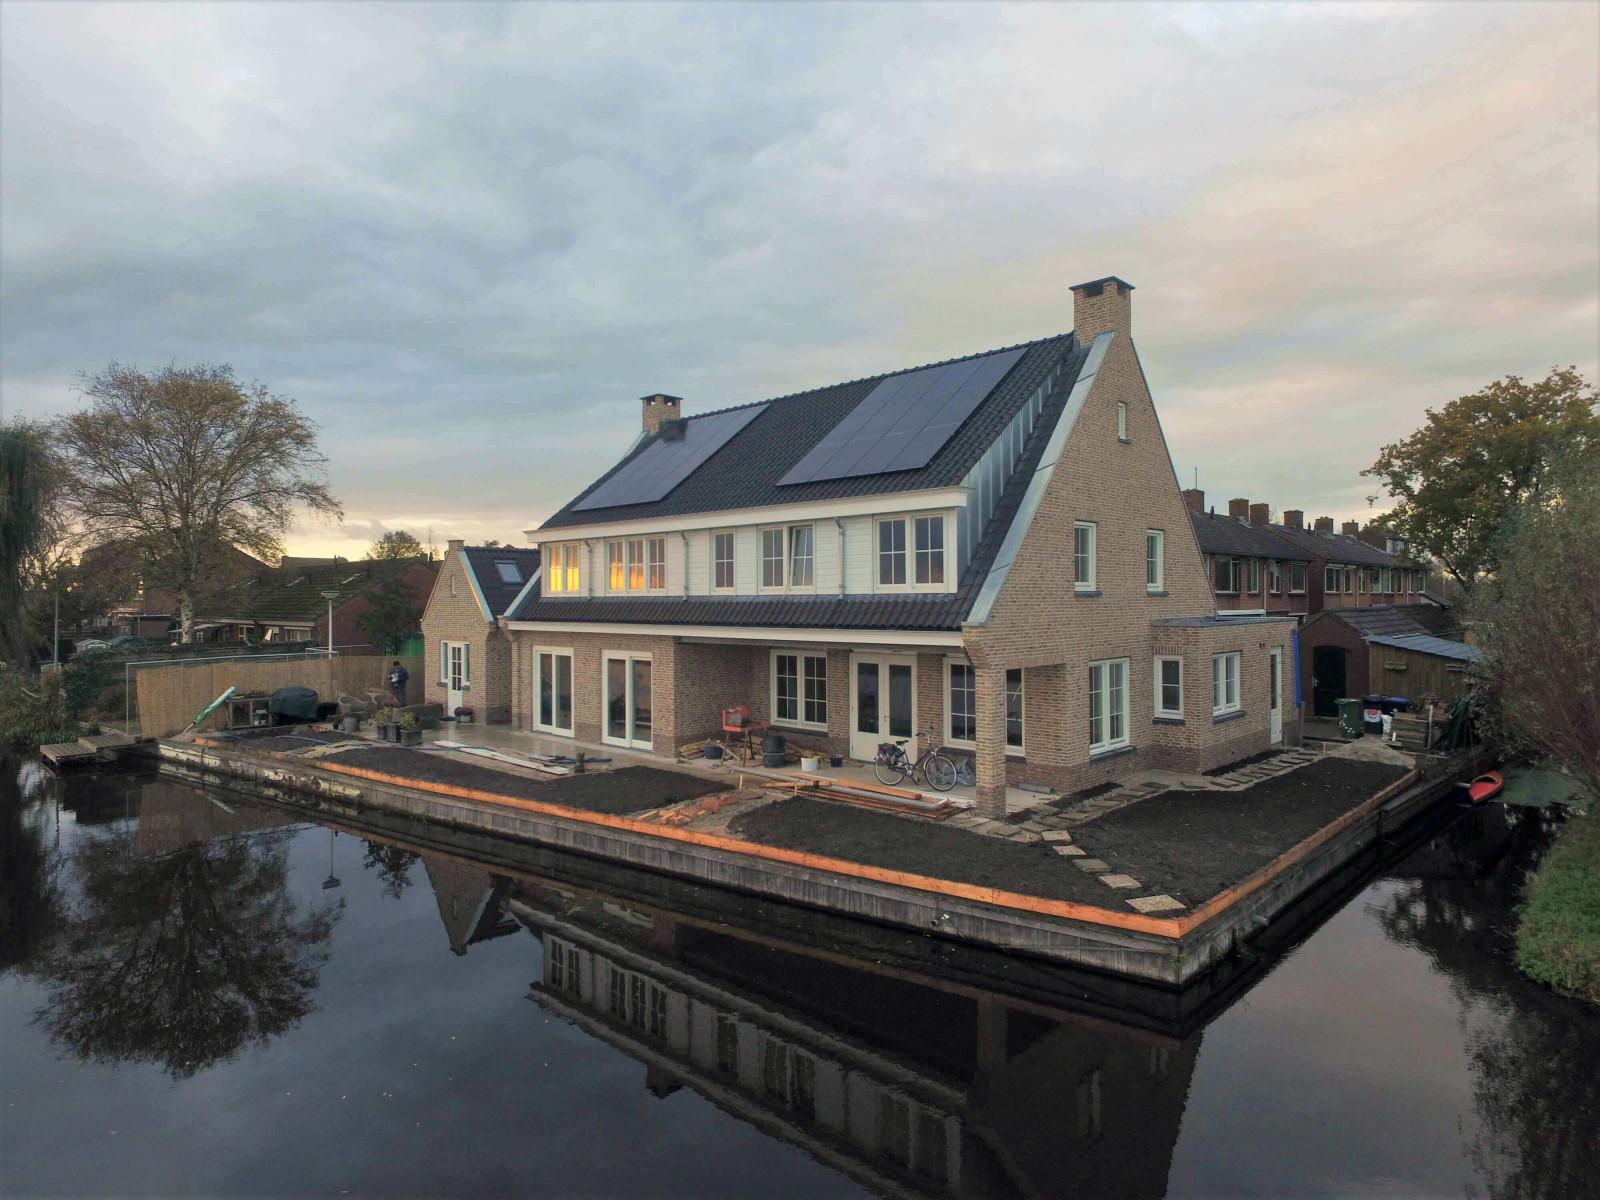 Nieuwbouw 2 onder 1 kap Wijngaarden Meerkerk Bouwprojecten 31